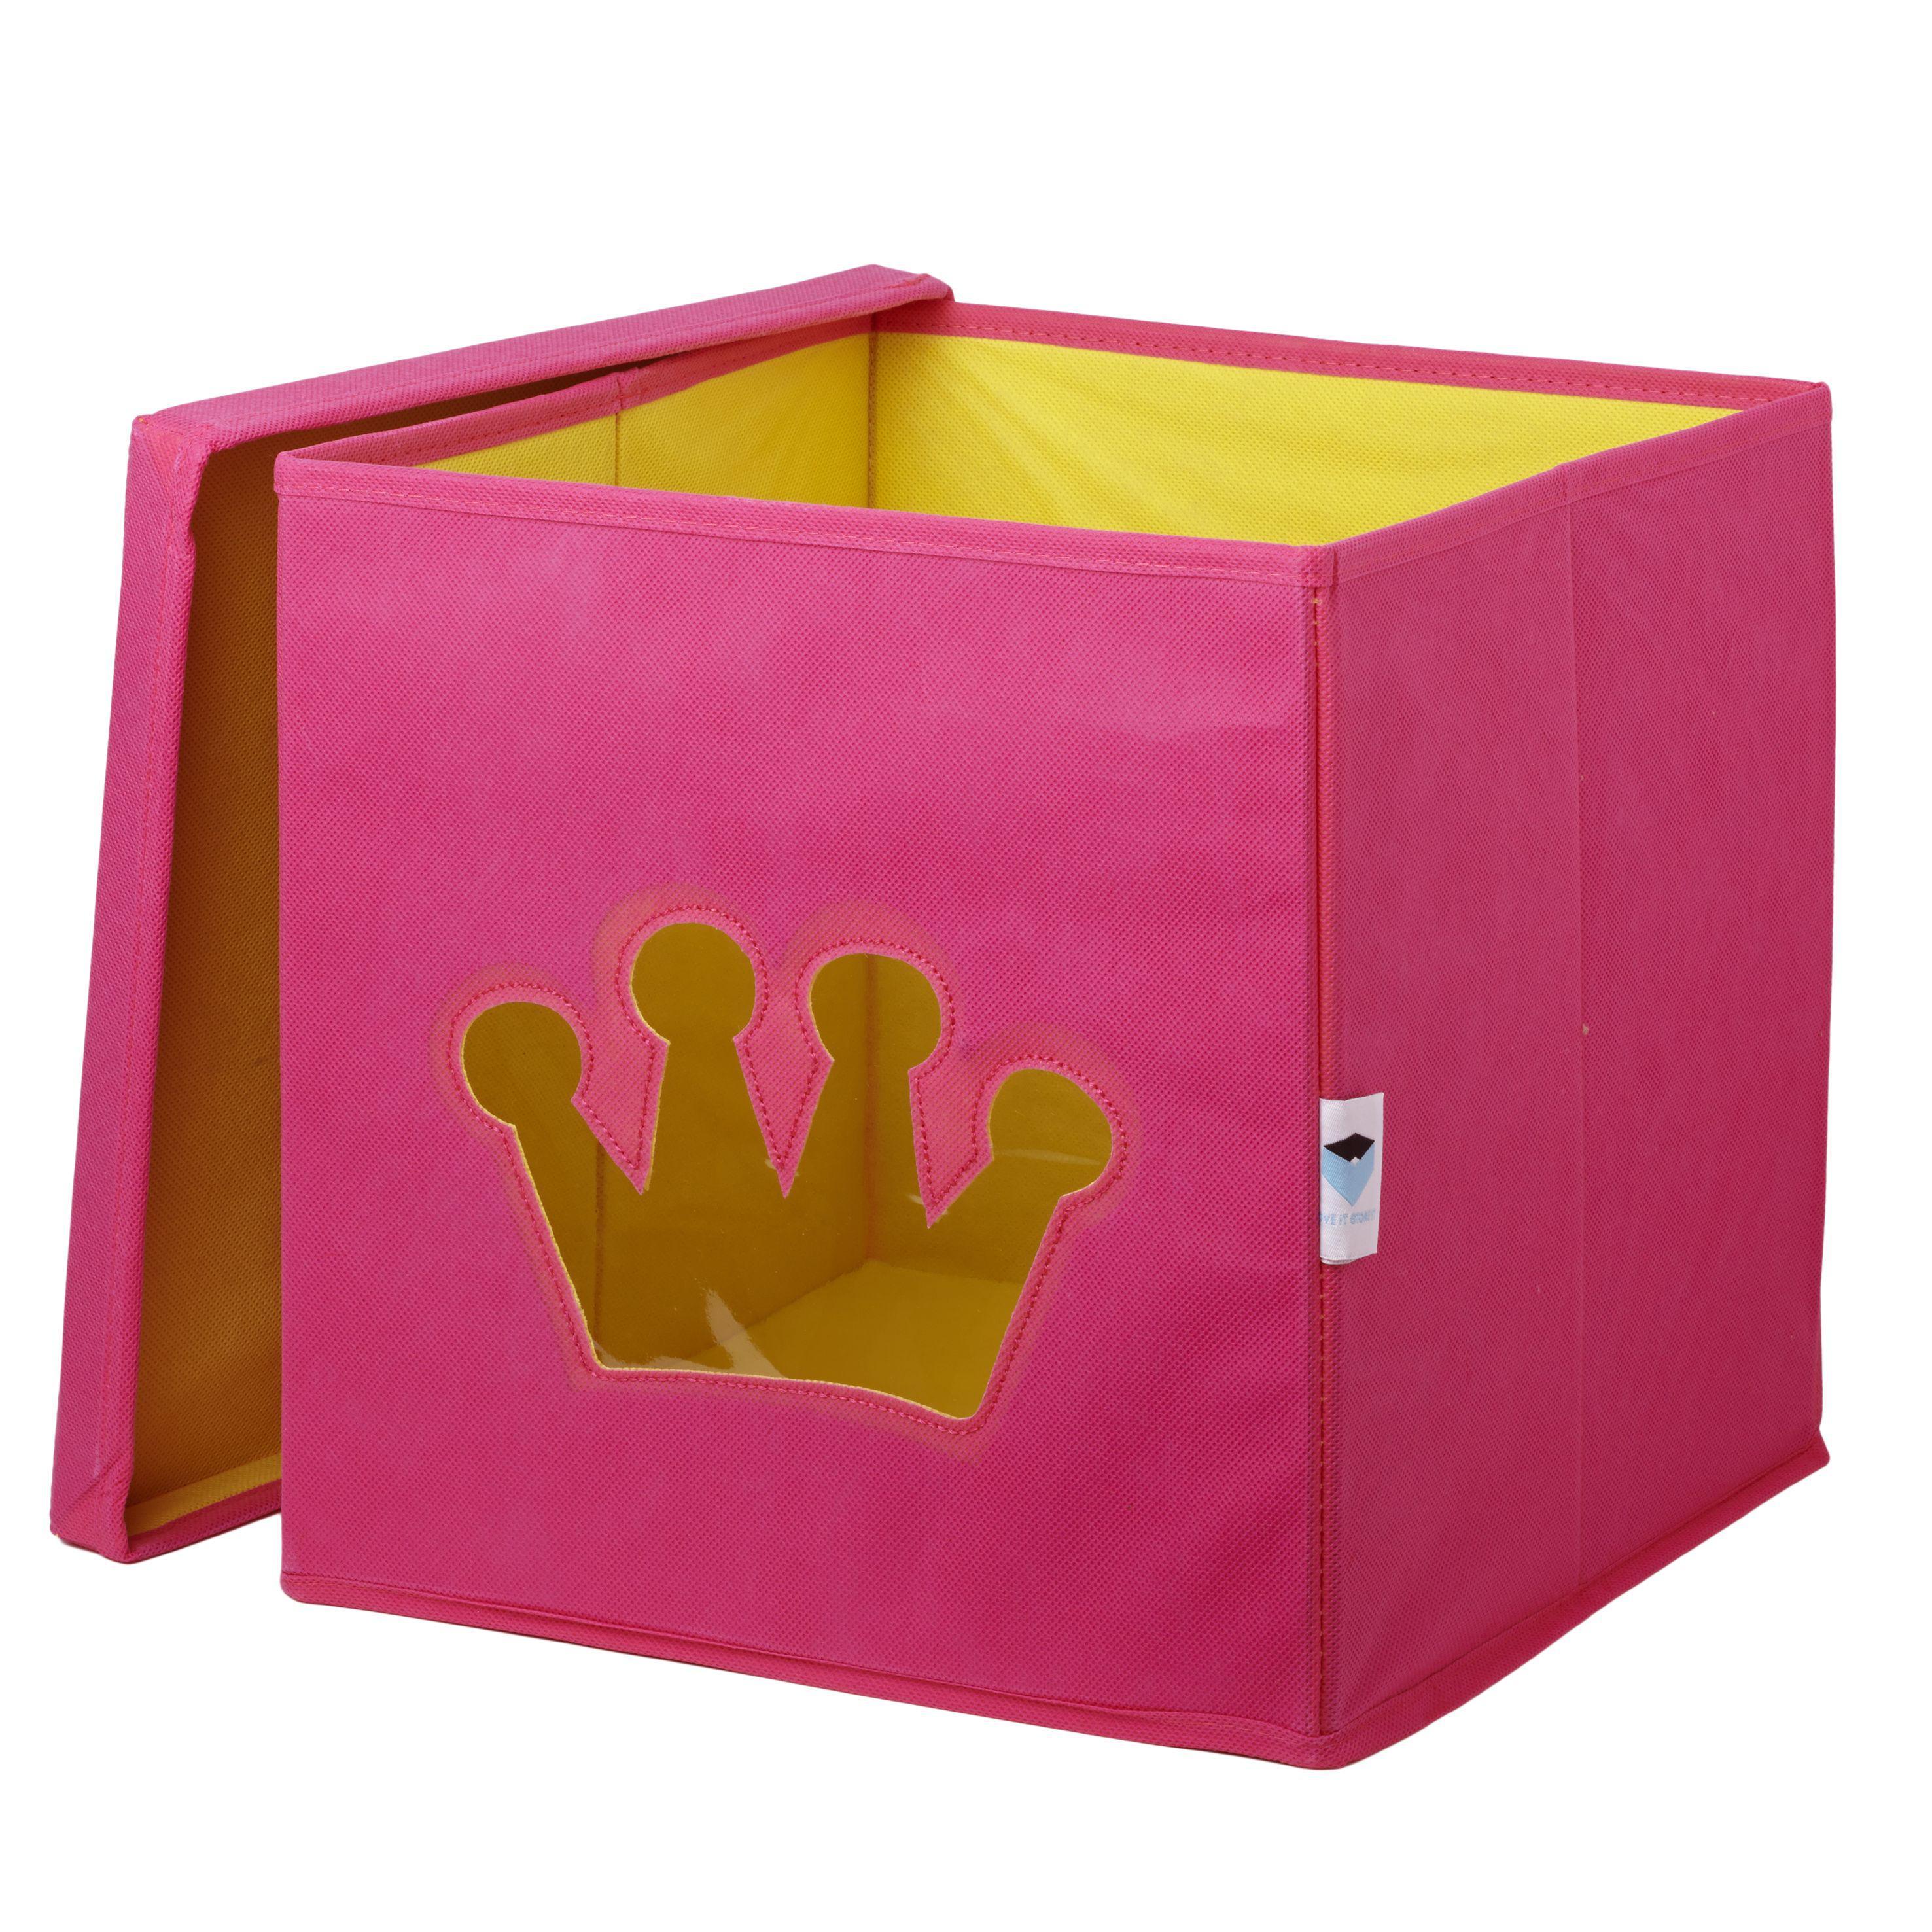 spielzeugkiste krone pink ordnung im kinderzimmer. Black Bedroom Furniture Sets. Home Design Ideas